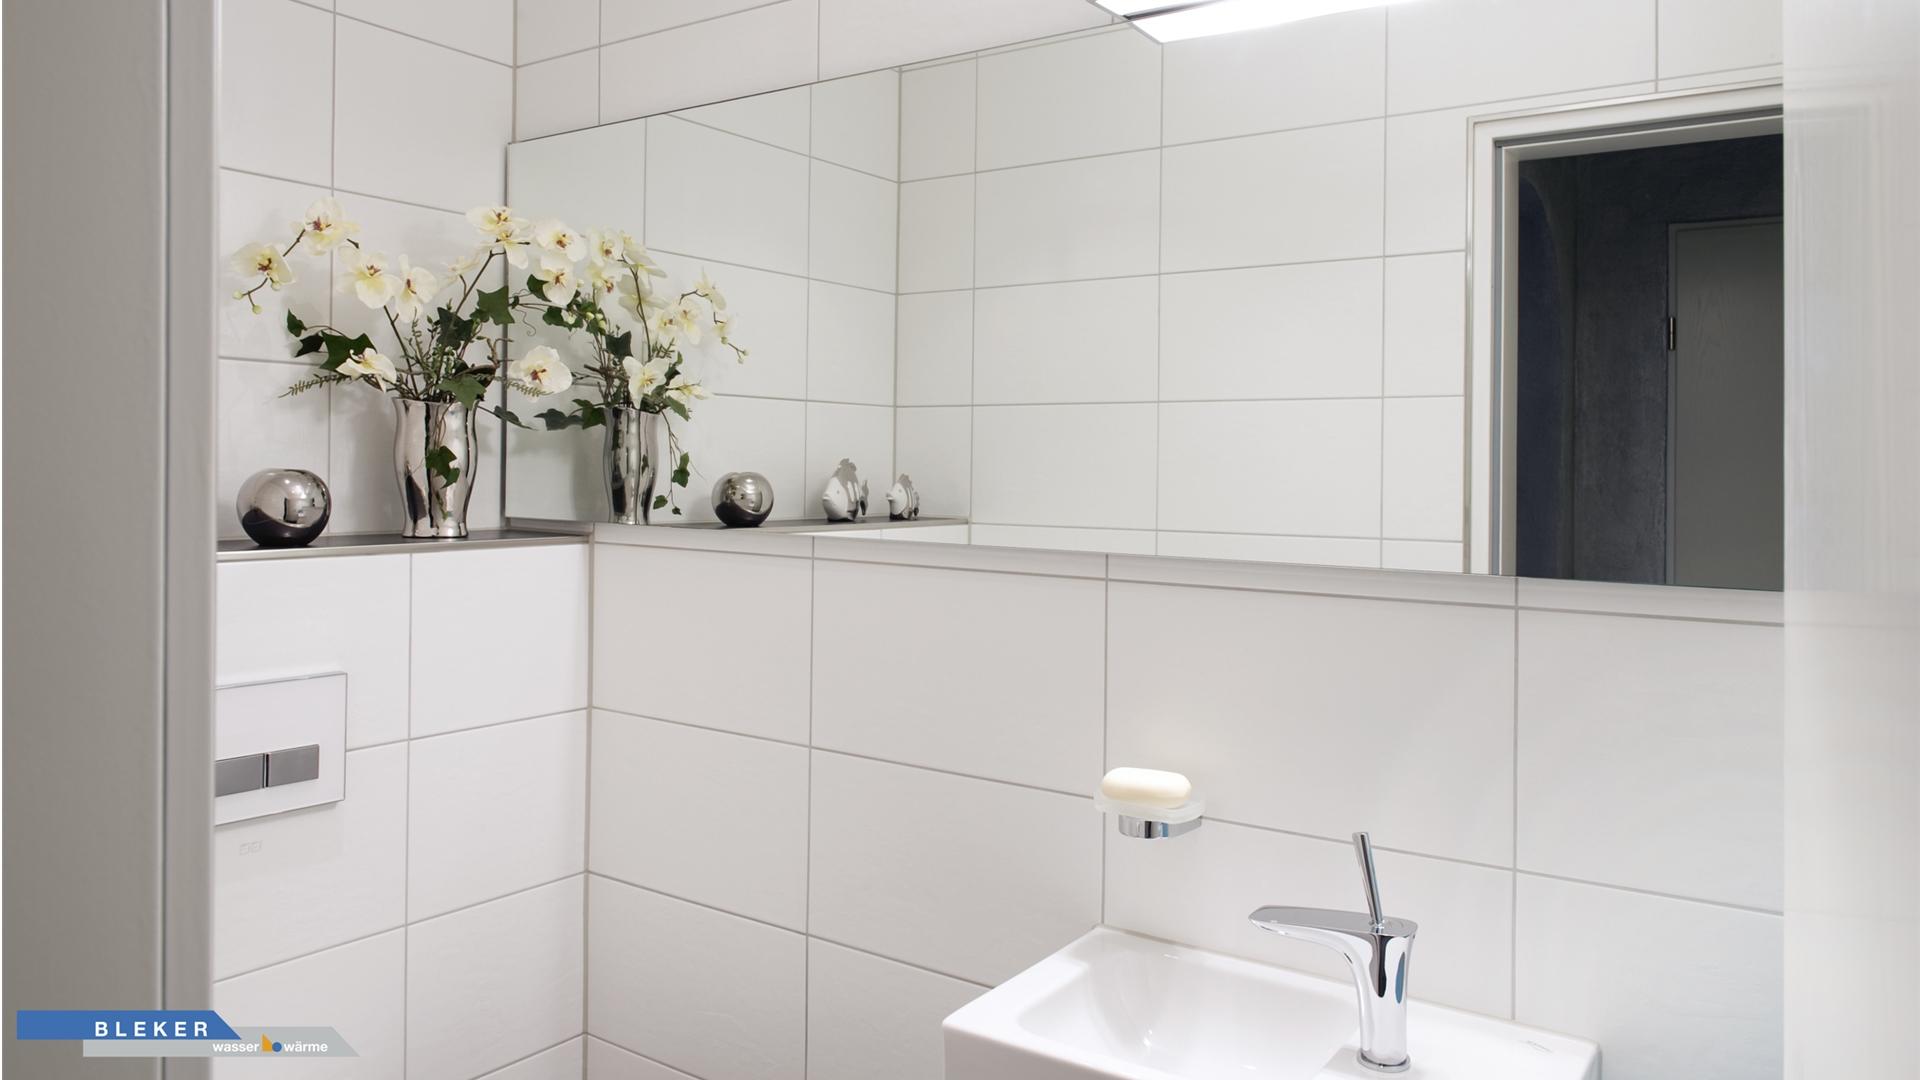 Gäste-WC weisse Fliesen und grosser Spiegel